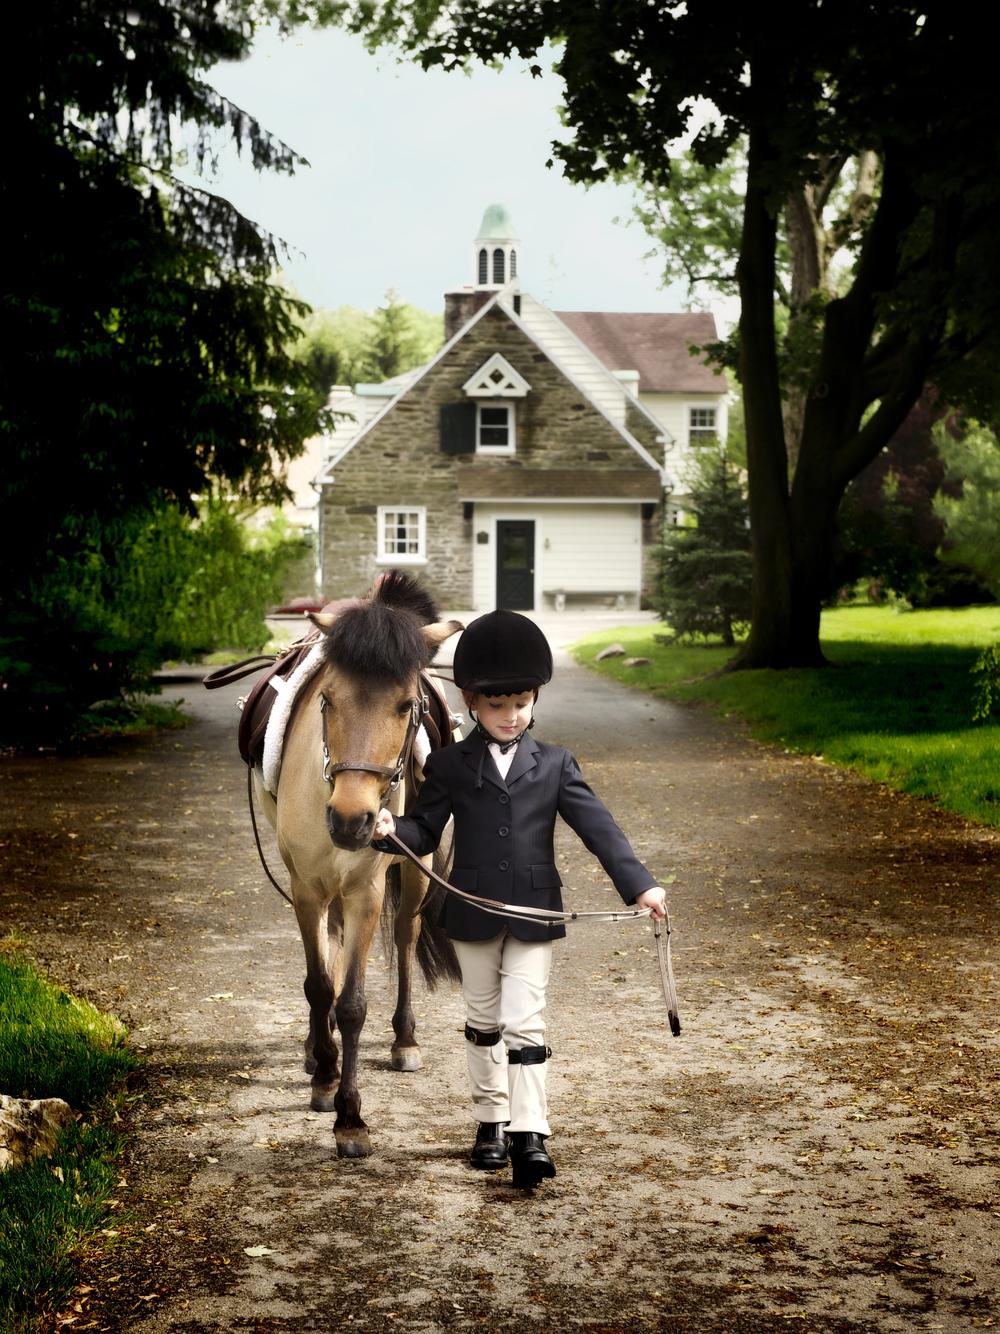 schreder g horse.jpg